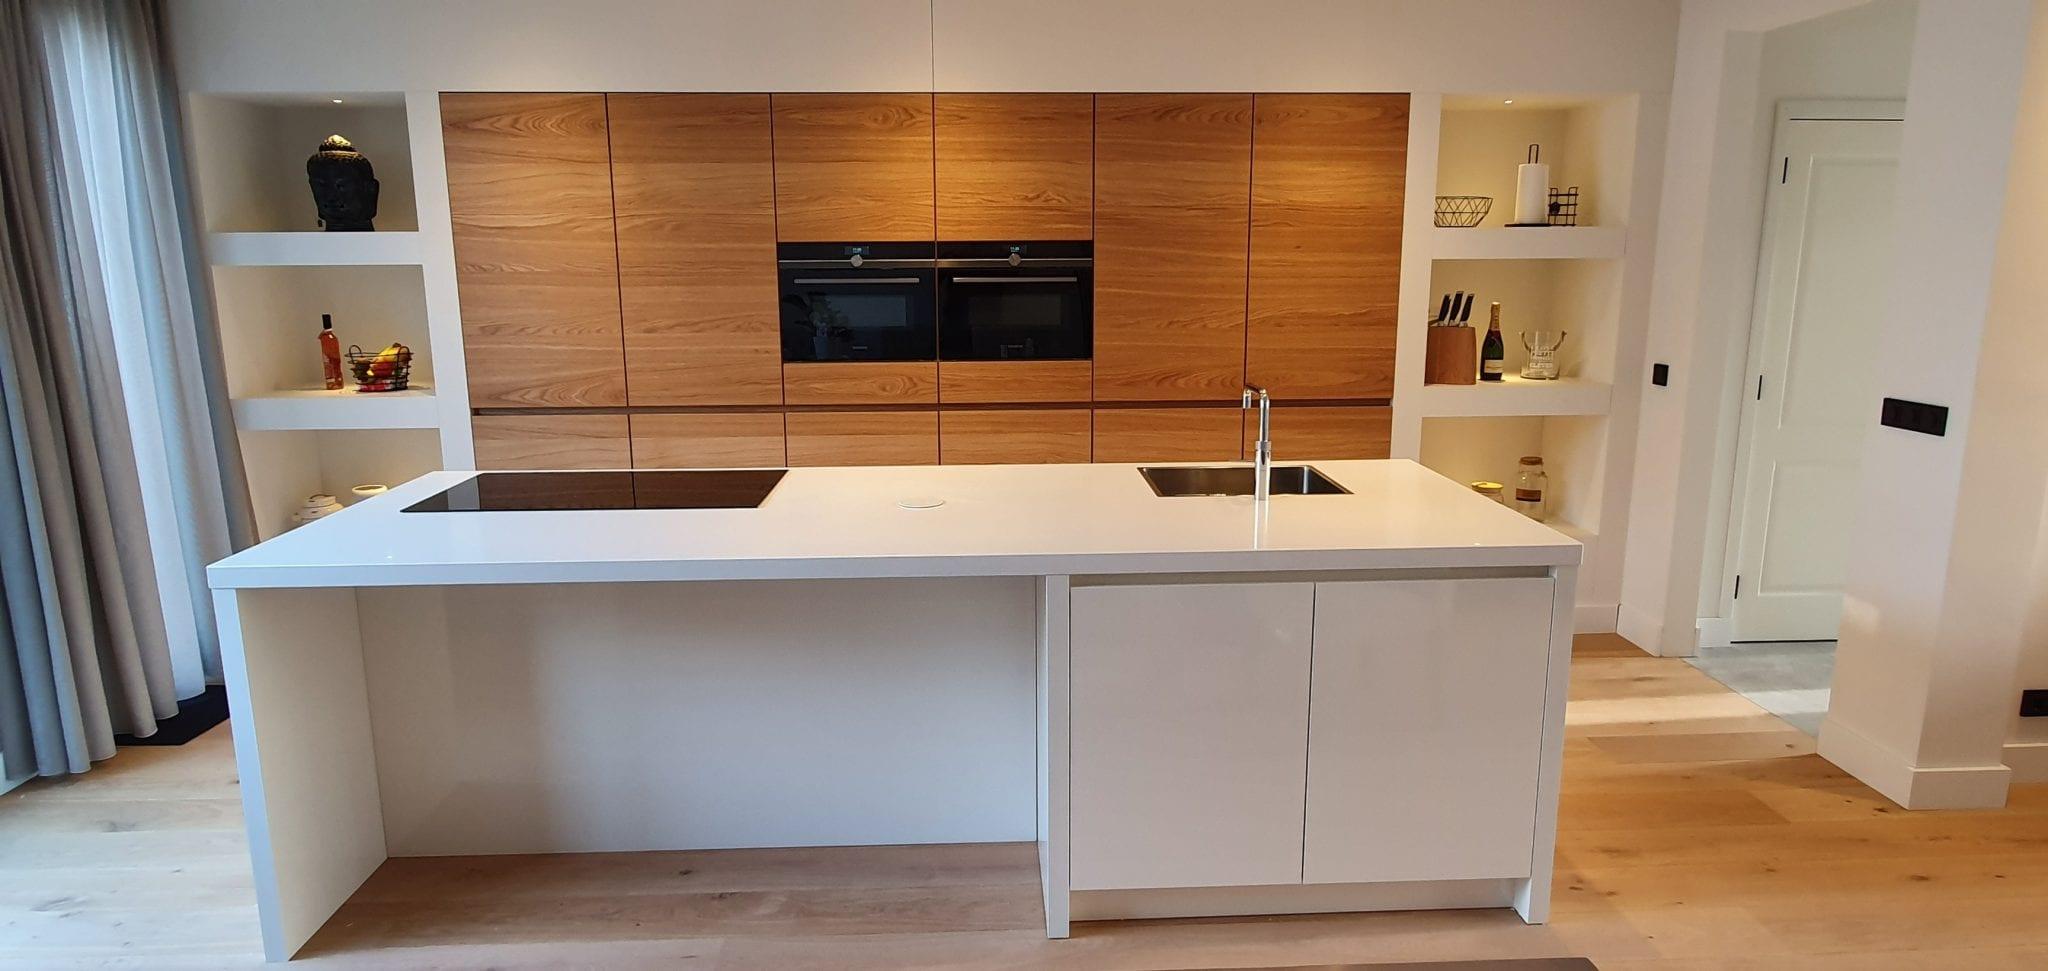 Keuken op Maat - Keuken Eiland Breda | Schalk